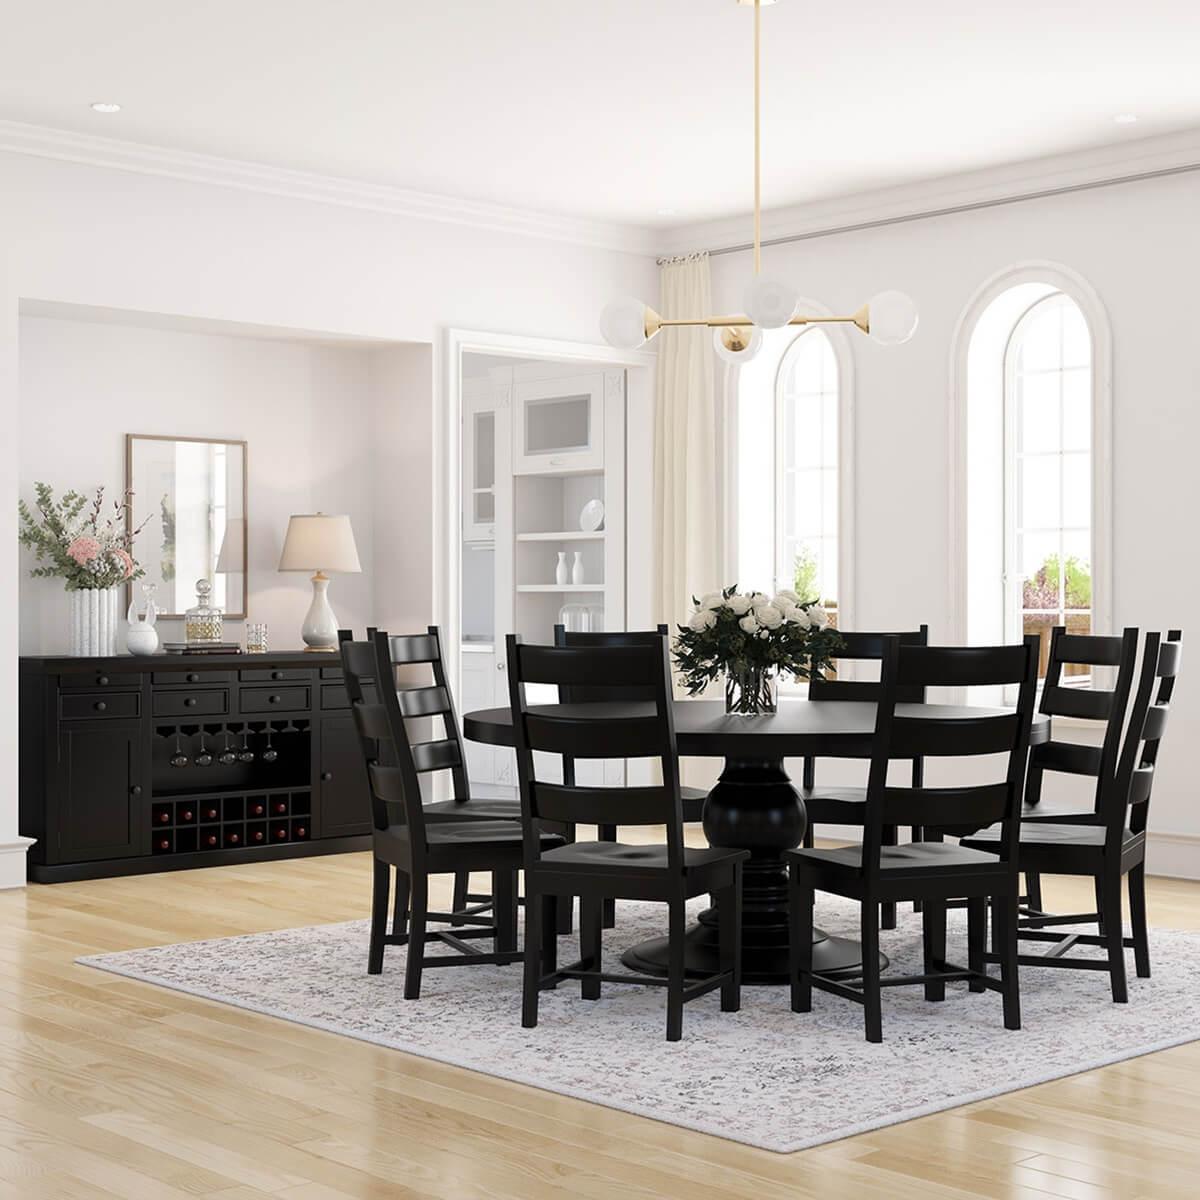 Nottingham Black Solid Wood Pedestal Base 10 Piece Dining Room Set